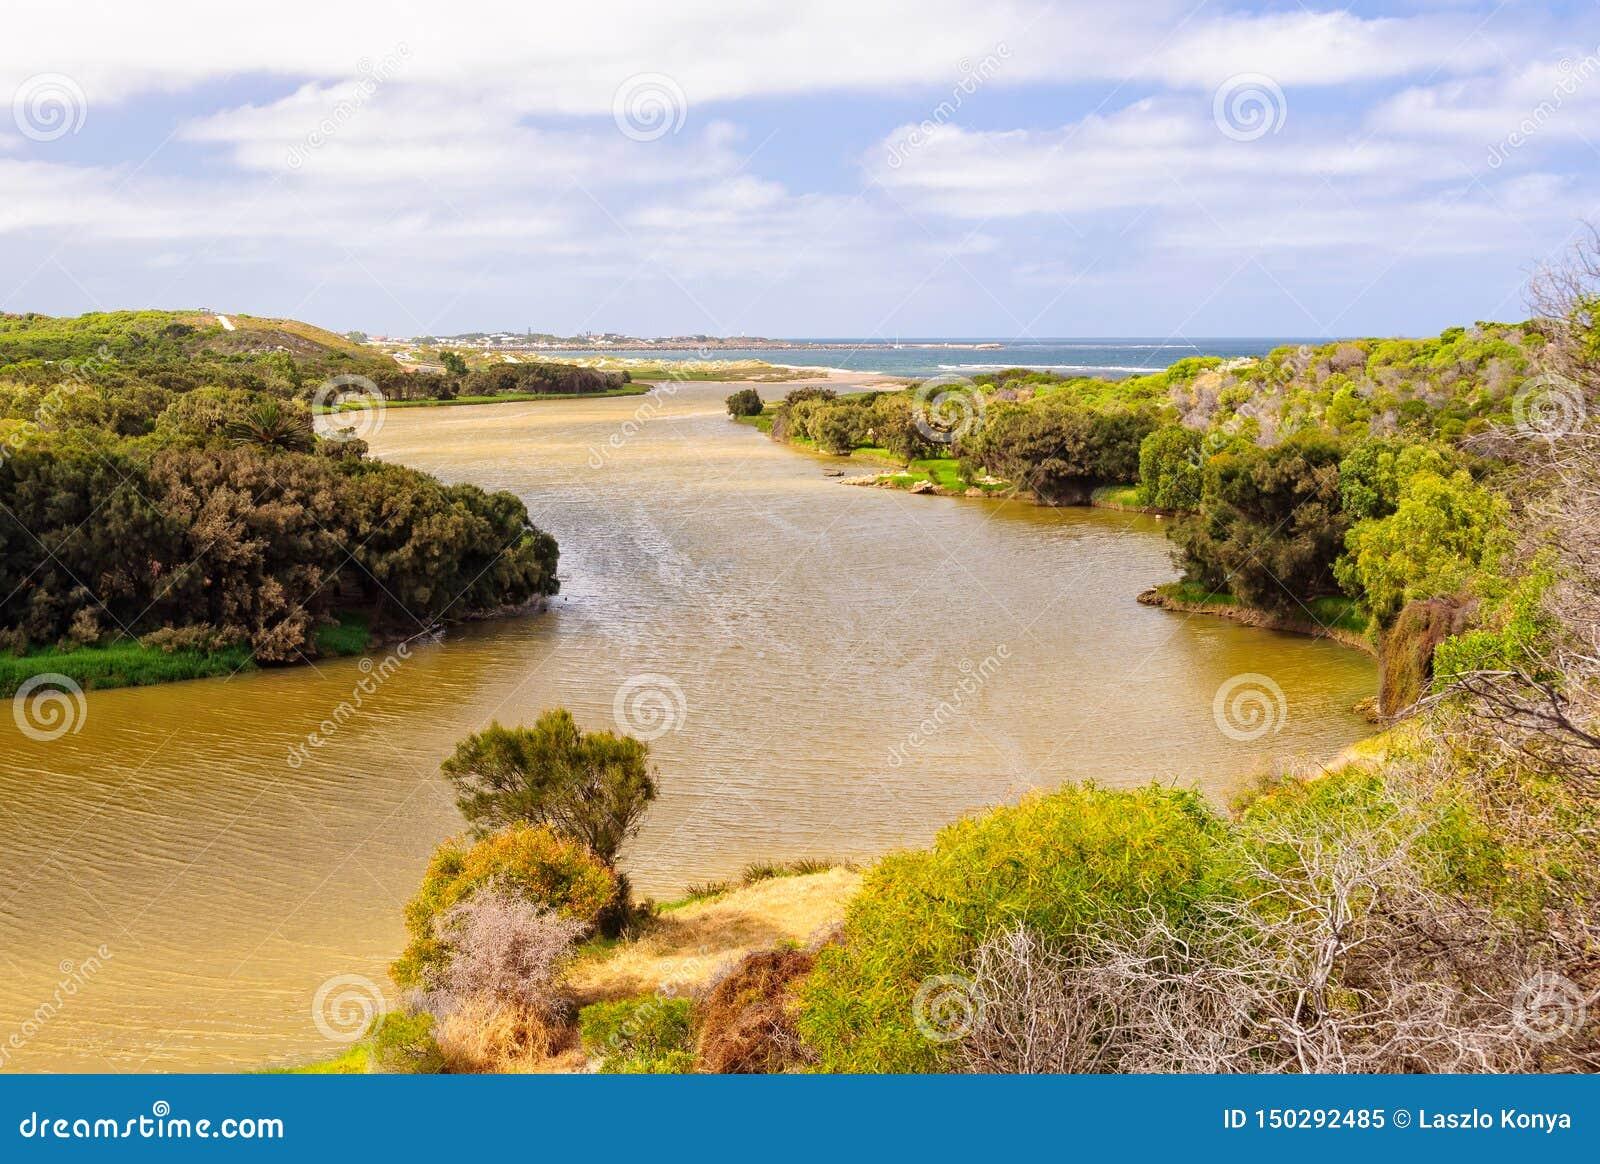 Irwin River - Dongara